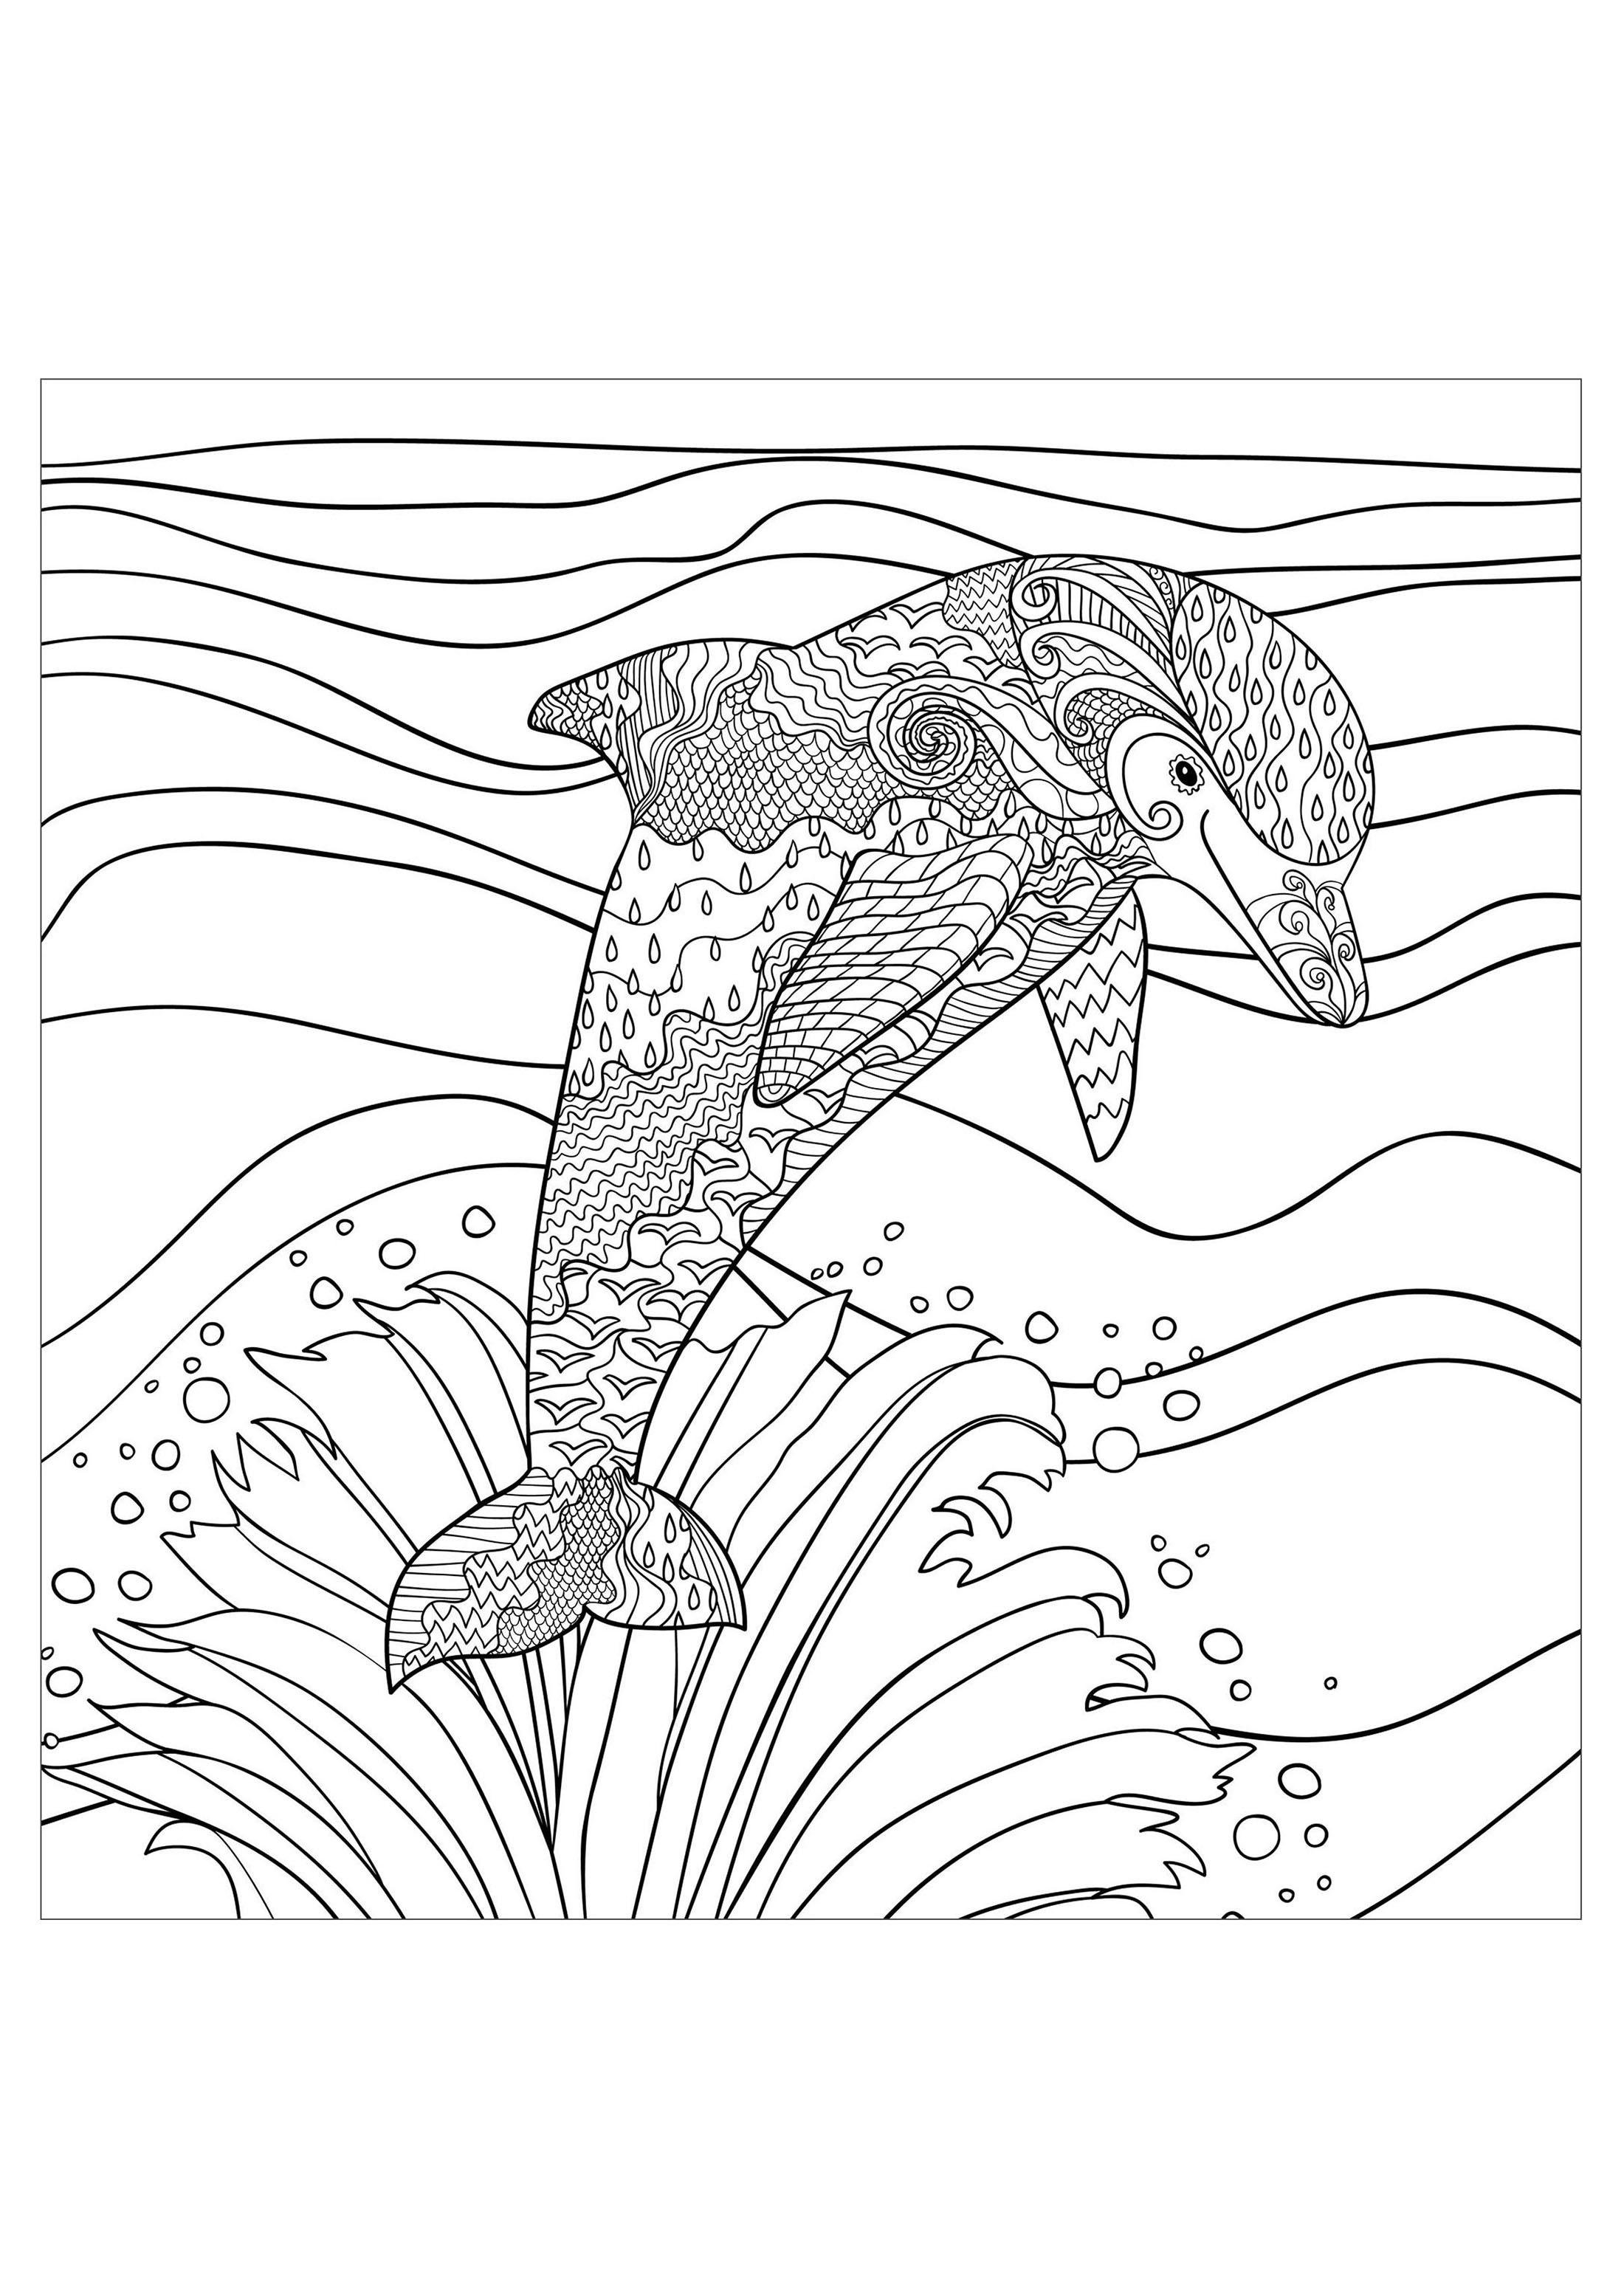 Coloriage Fee Des Eaux.Dauphin Vagues Mer Dauphins Coloriages Difficiles Pour